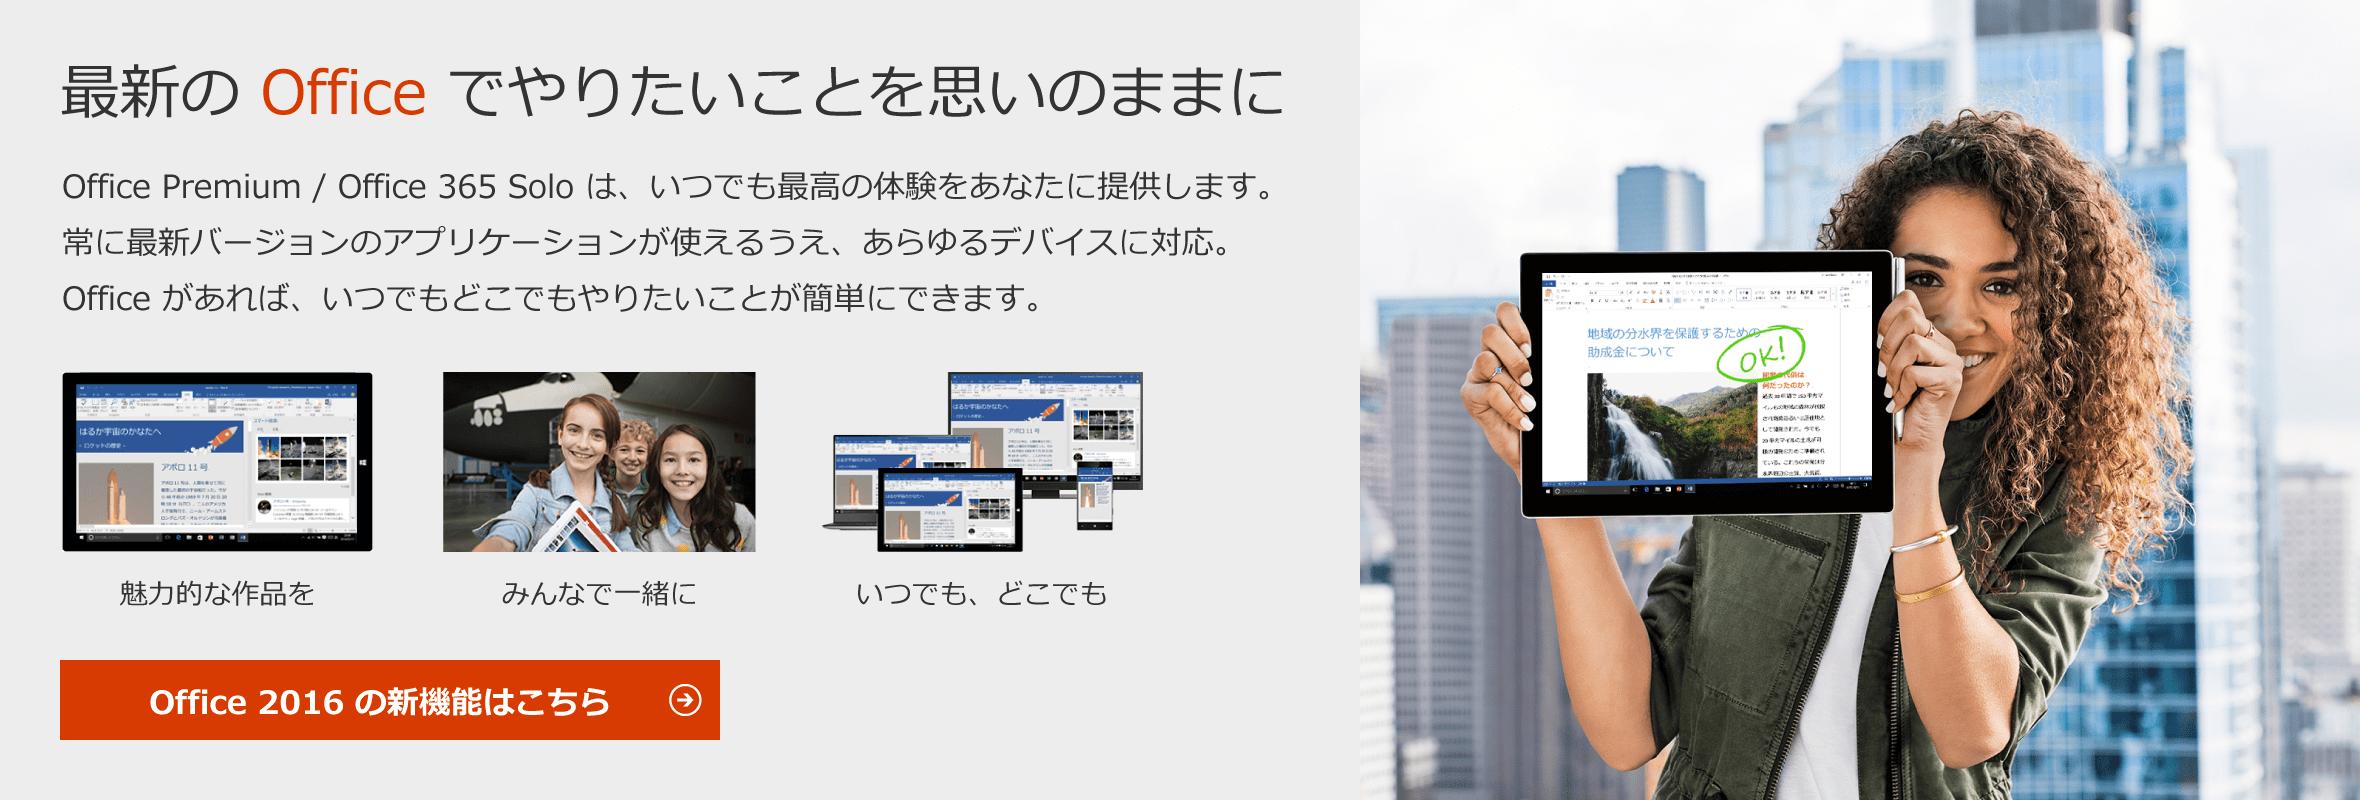 最新の Office でやりたいことを思いのままに - Office Premium / Office 365 Solo は、いつでも最高の体験をあなたに提供します。常に最新バージョンのアプリケーションが使えるうえ、あらゆるデバイスに対応。 Office があれば、いつでもどこでもやりたいことが簡単にできます。 / 常に最新版を利用可能 / 共同作業が可能 / あらゆるデバイスに対応 / Office 2016 の新機能はこちら